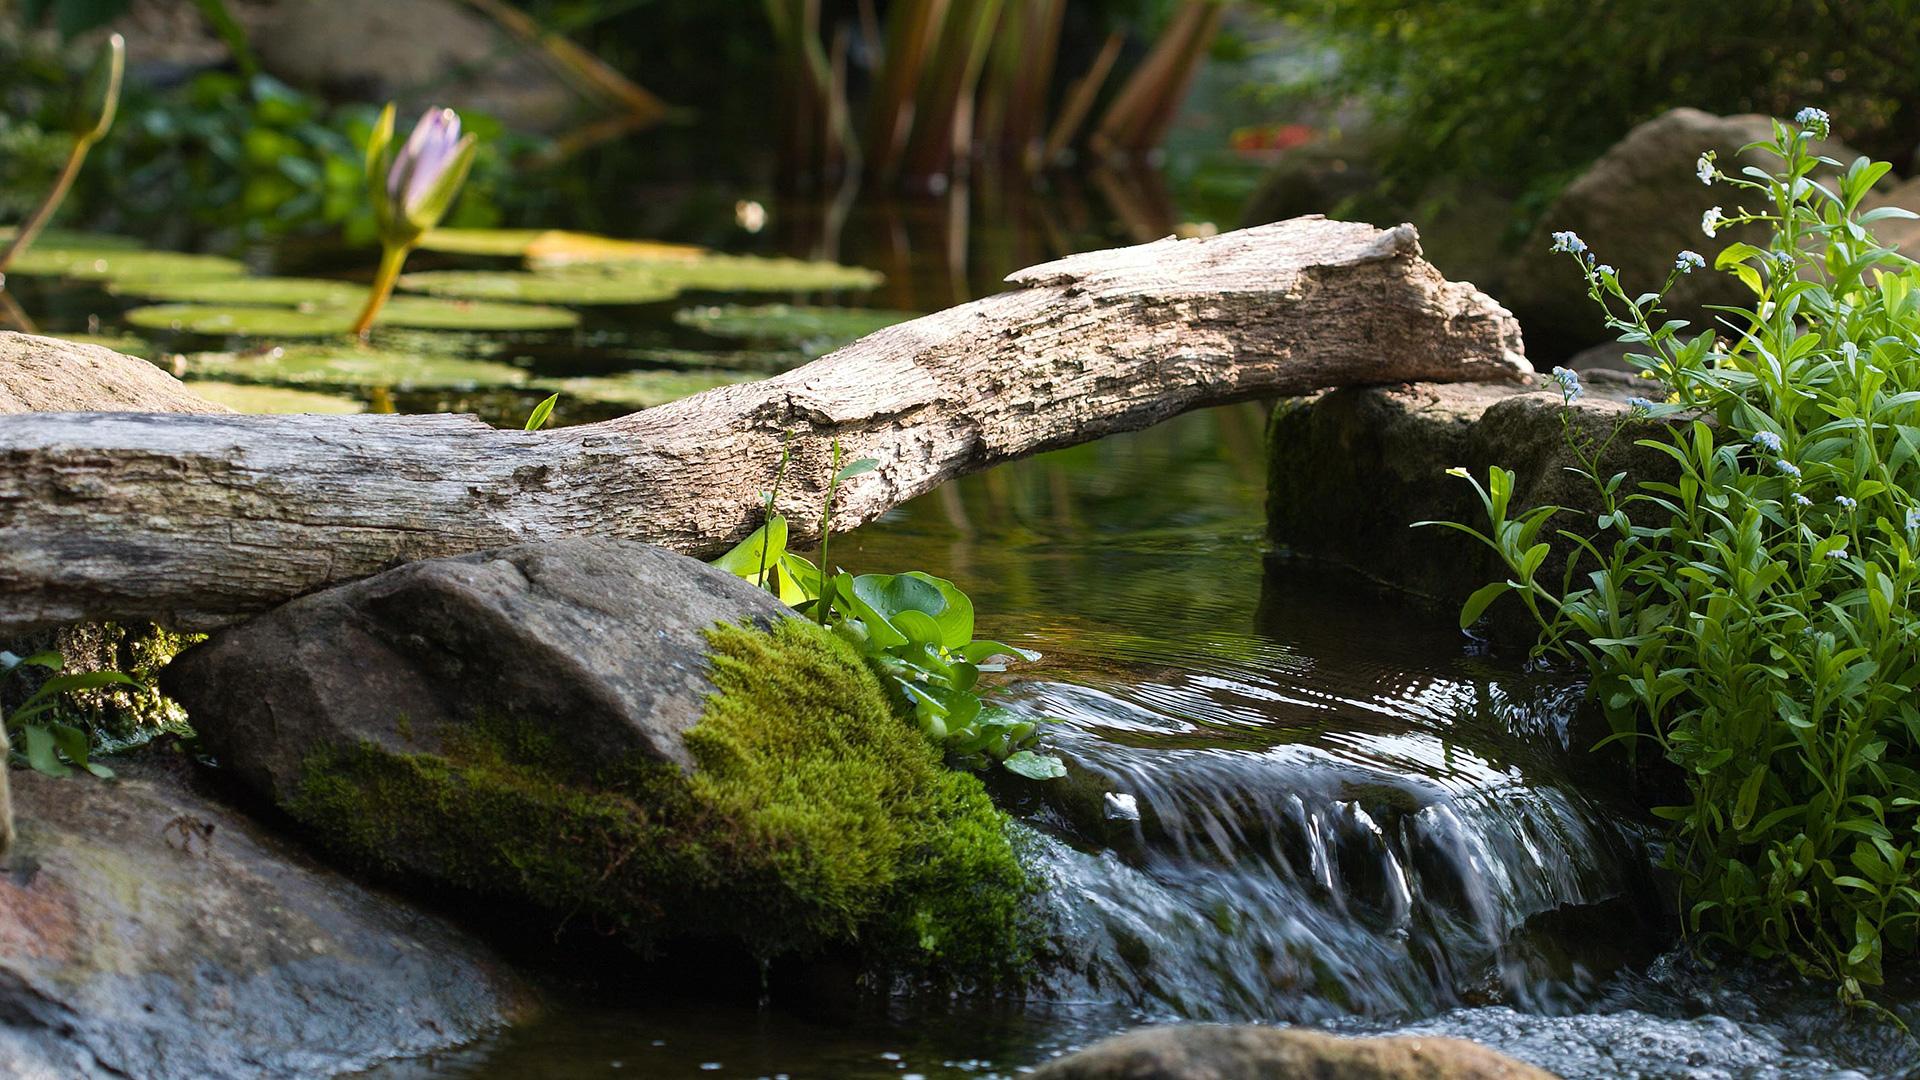 AquaScapes East Landscaping, Pond Contractor and Landscape Design slide 2